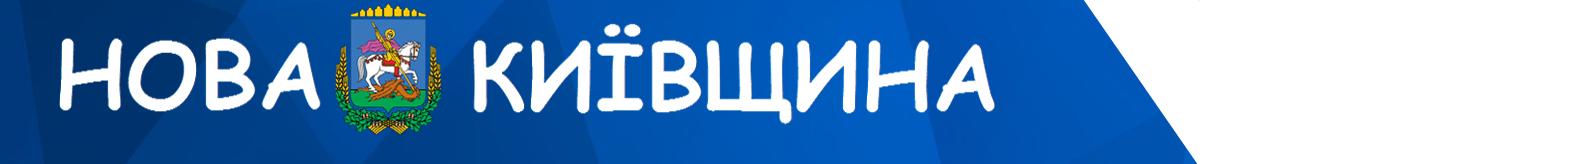 """Київщина - новини регіону: інформаційний портал """"Нова Київщина"""""""